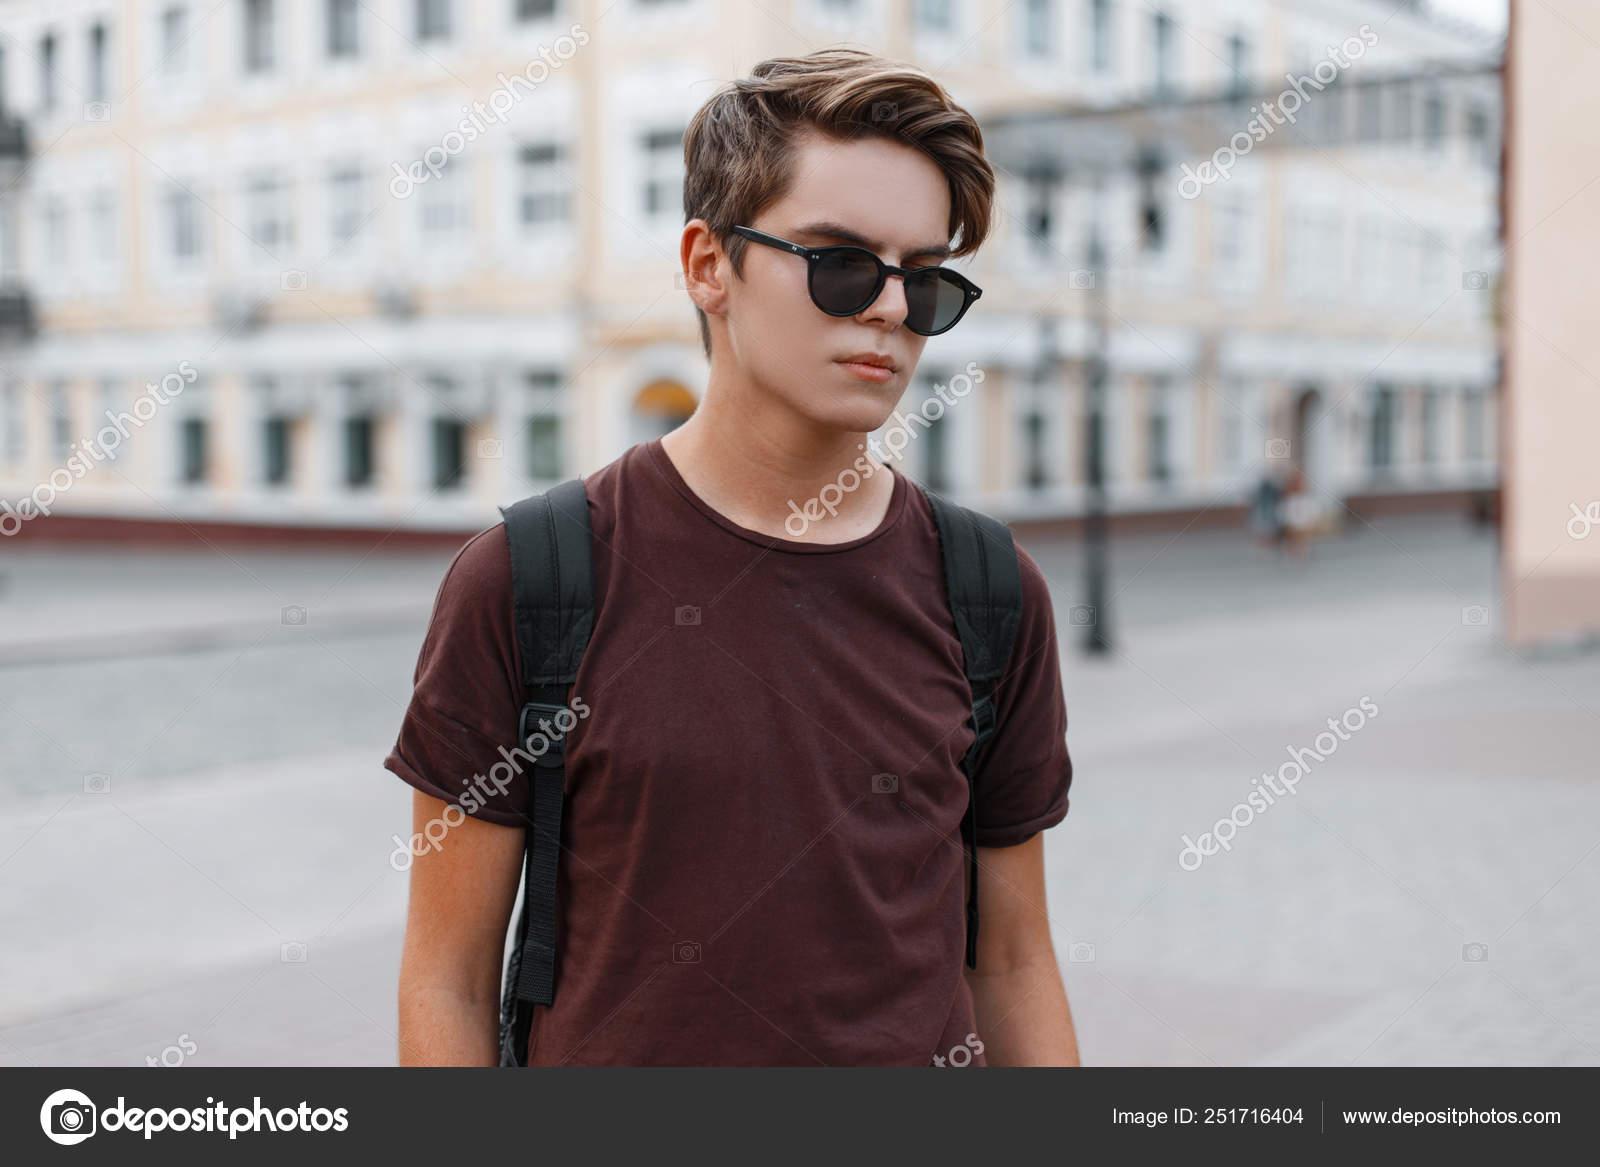 Hipster Dans Soleil Jeune De Lunettes Attrayant Élégant Homme Des USzVqMp